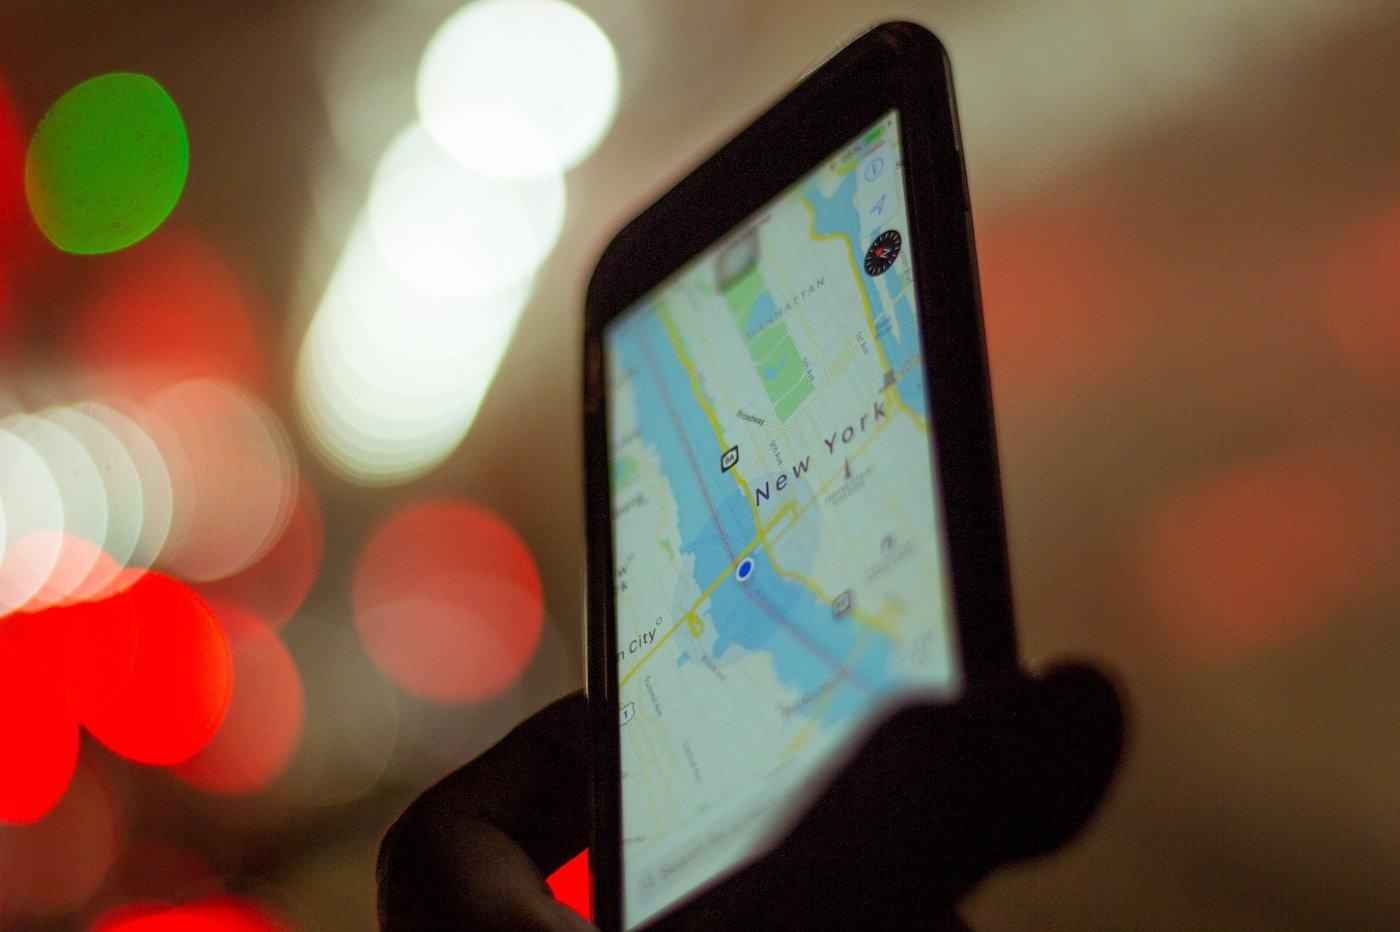 Application de rencontre GPS